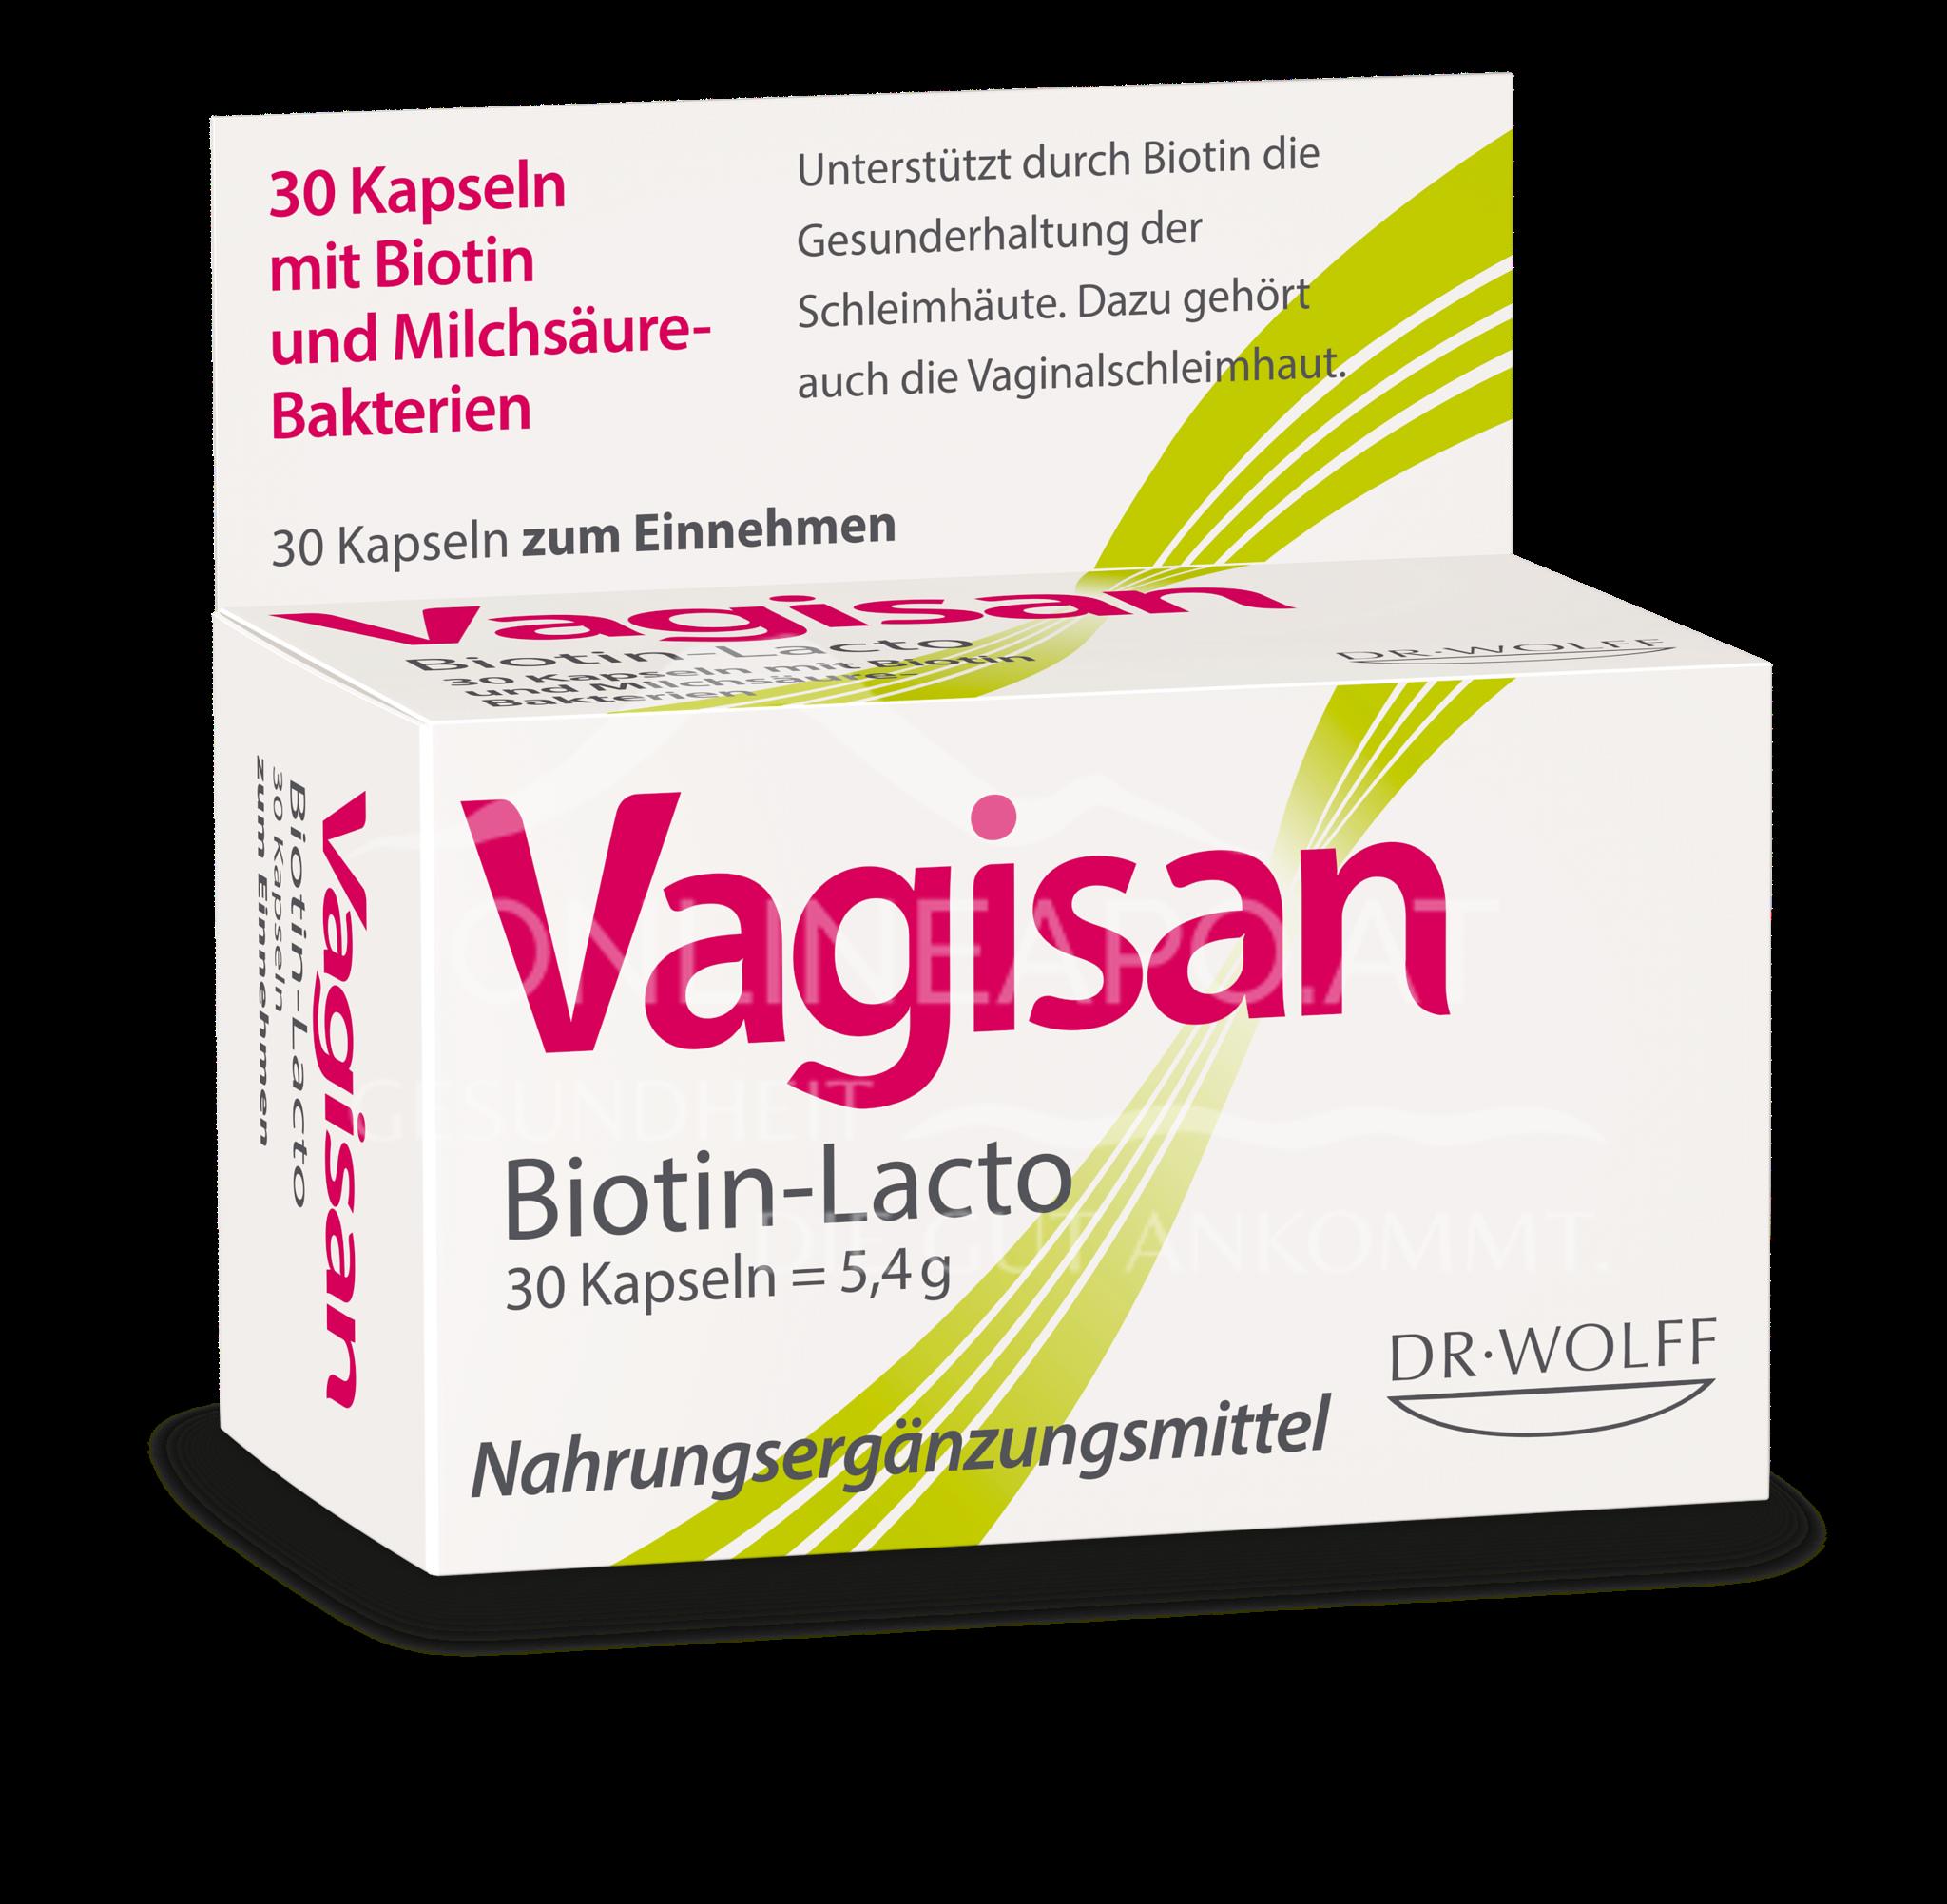 Vagisan® Biotin-Lacto Kapseln